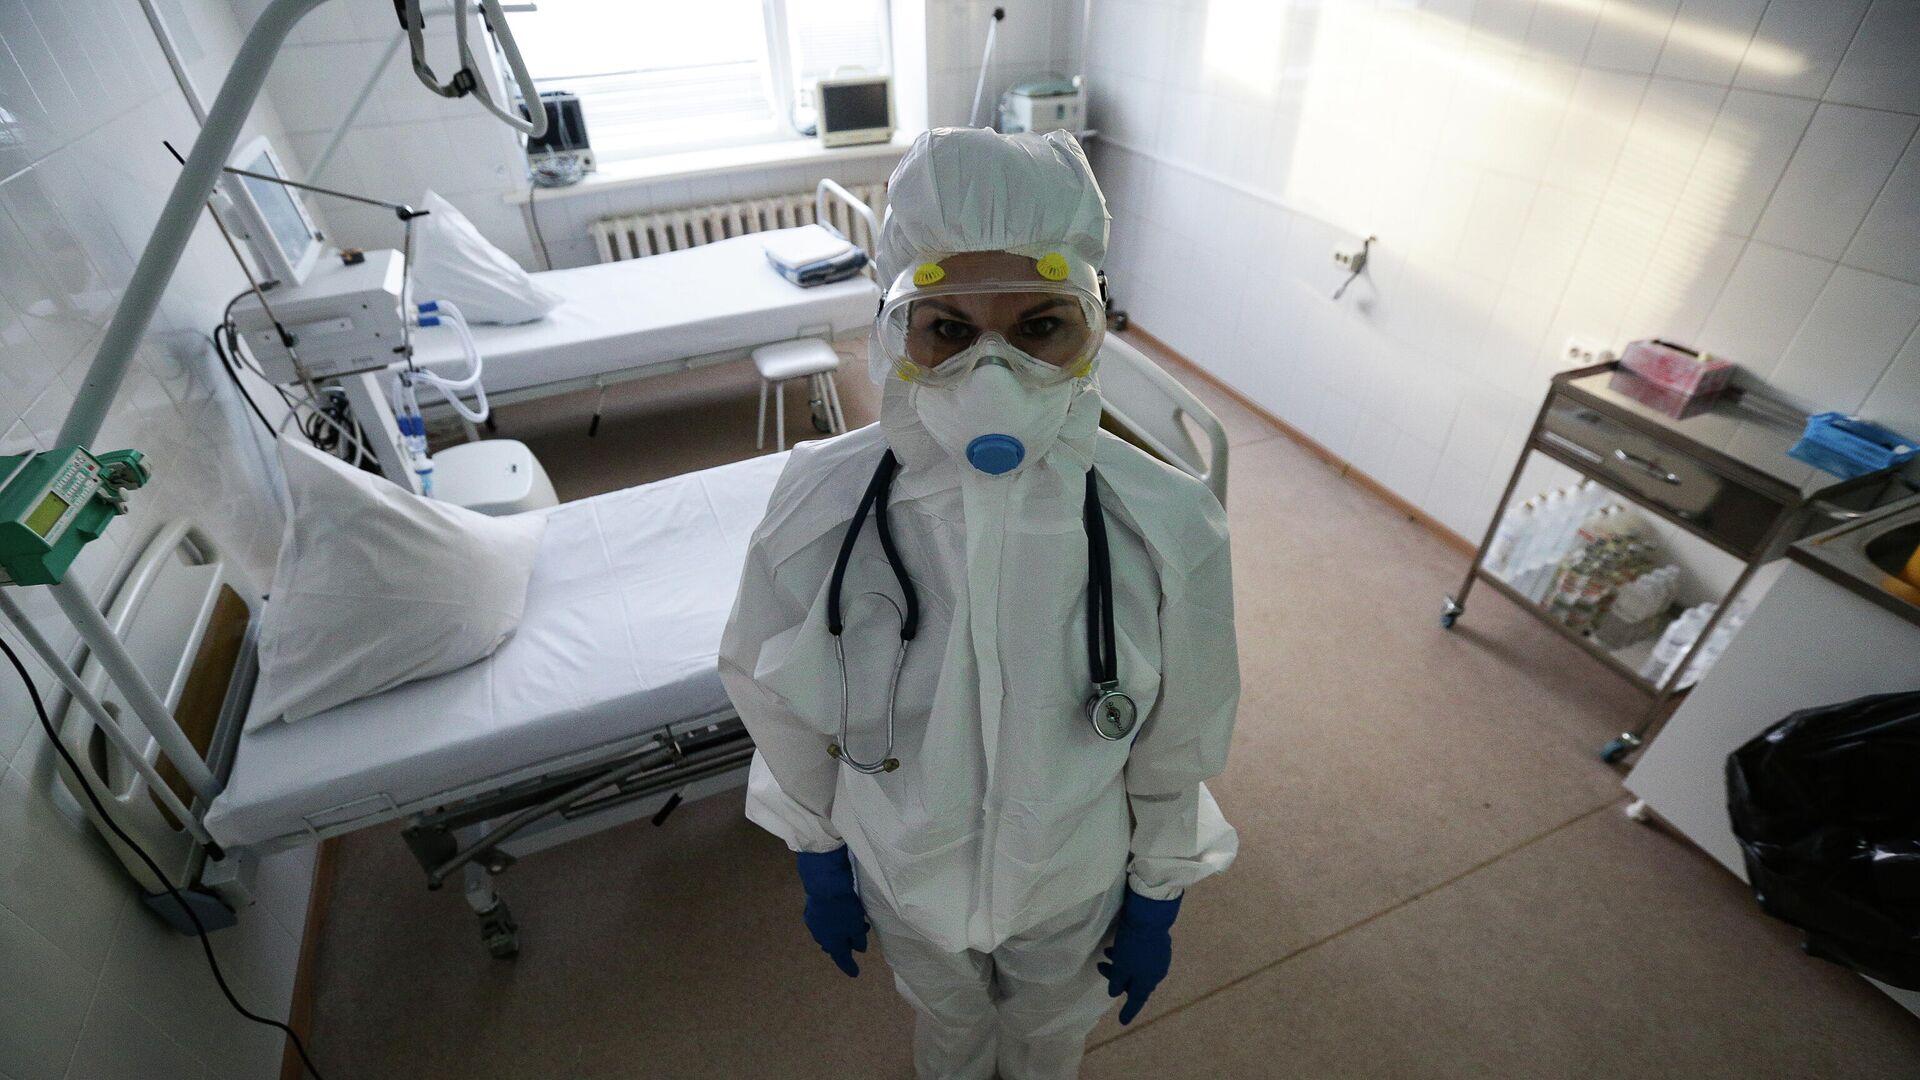 Работа врачей в красной зоне Новосибирской областной клинической больницы - РИА Новости, 1920, 06.01.2021